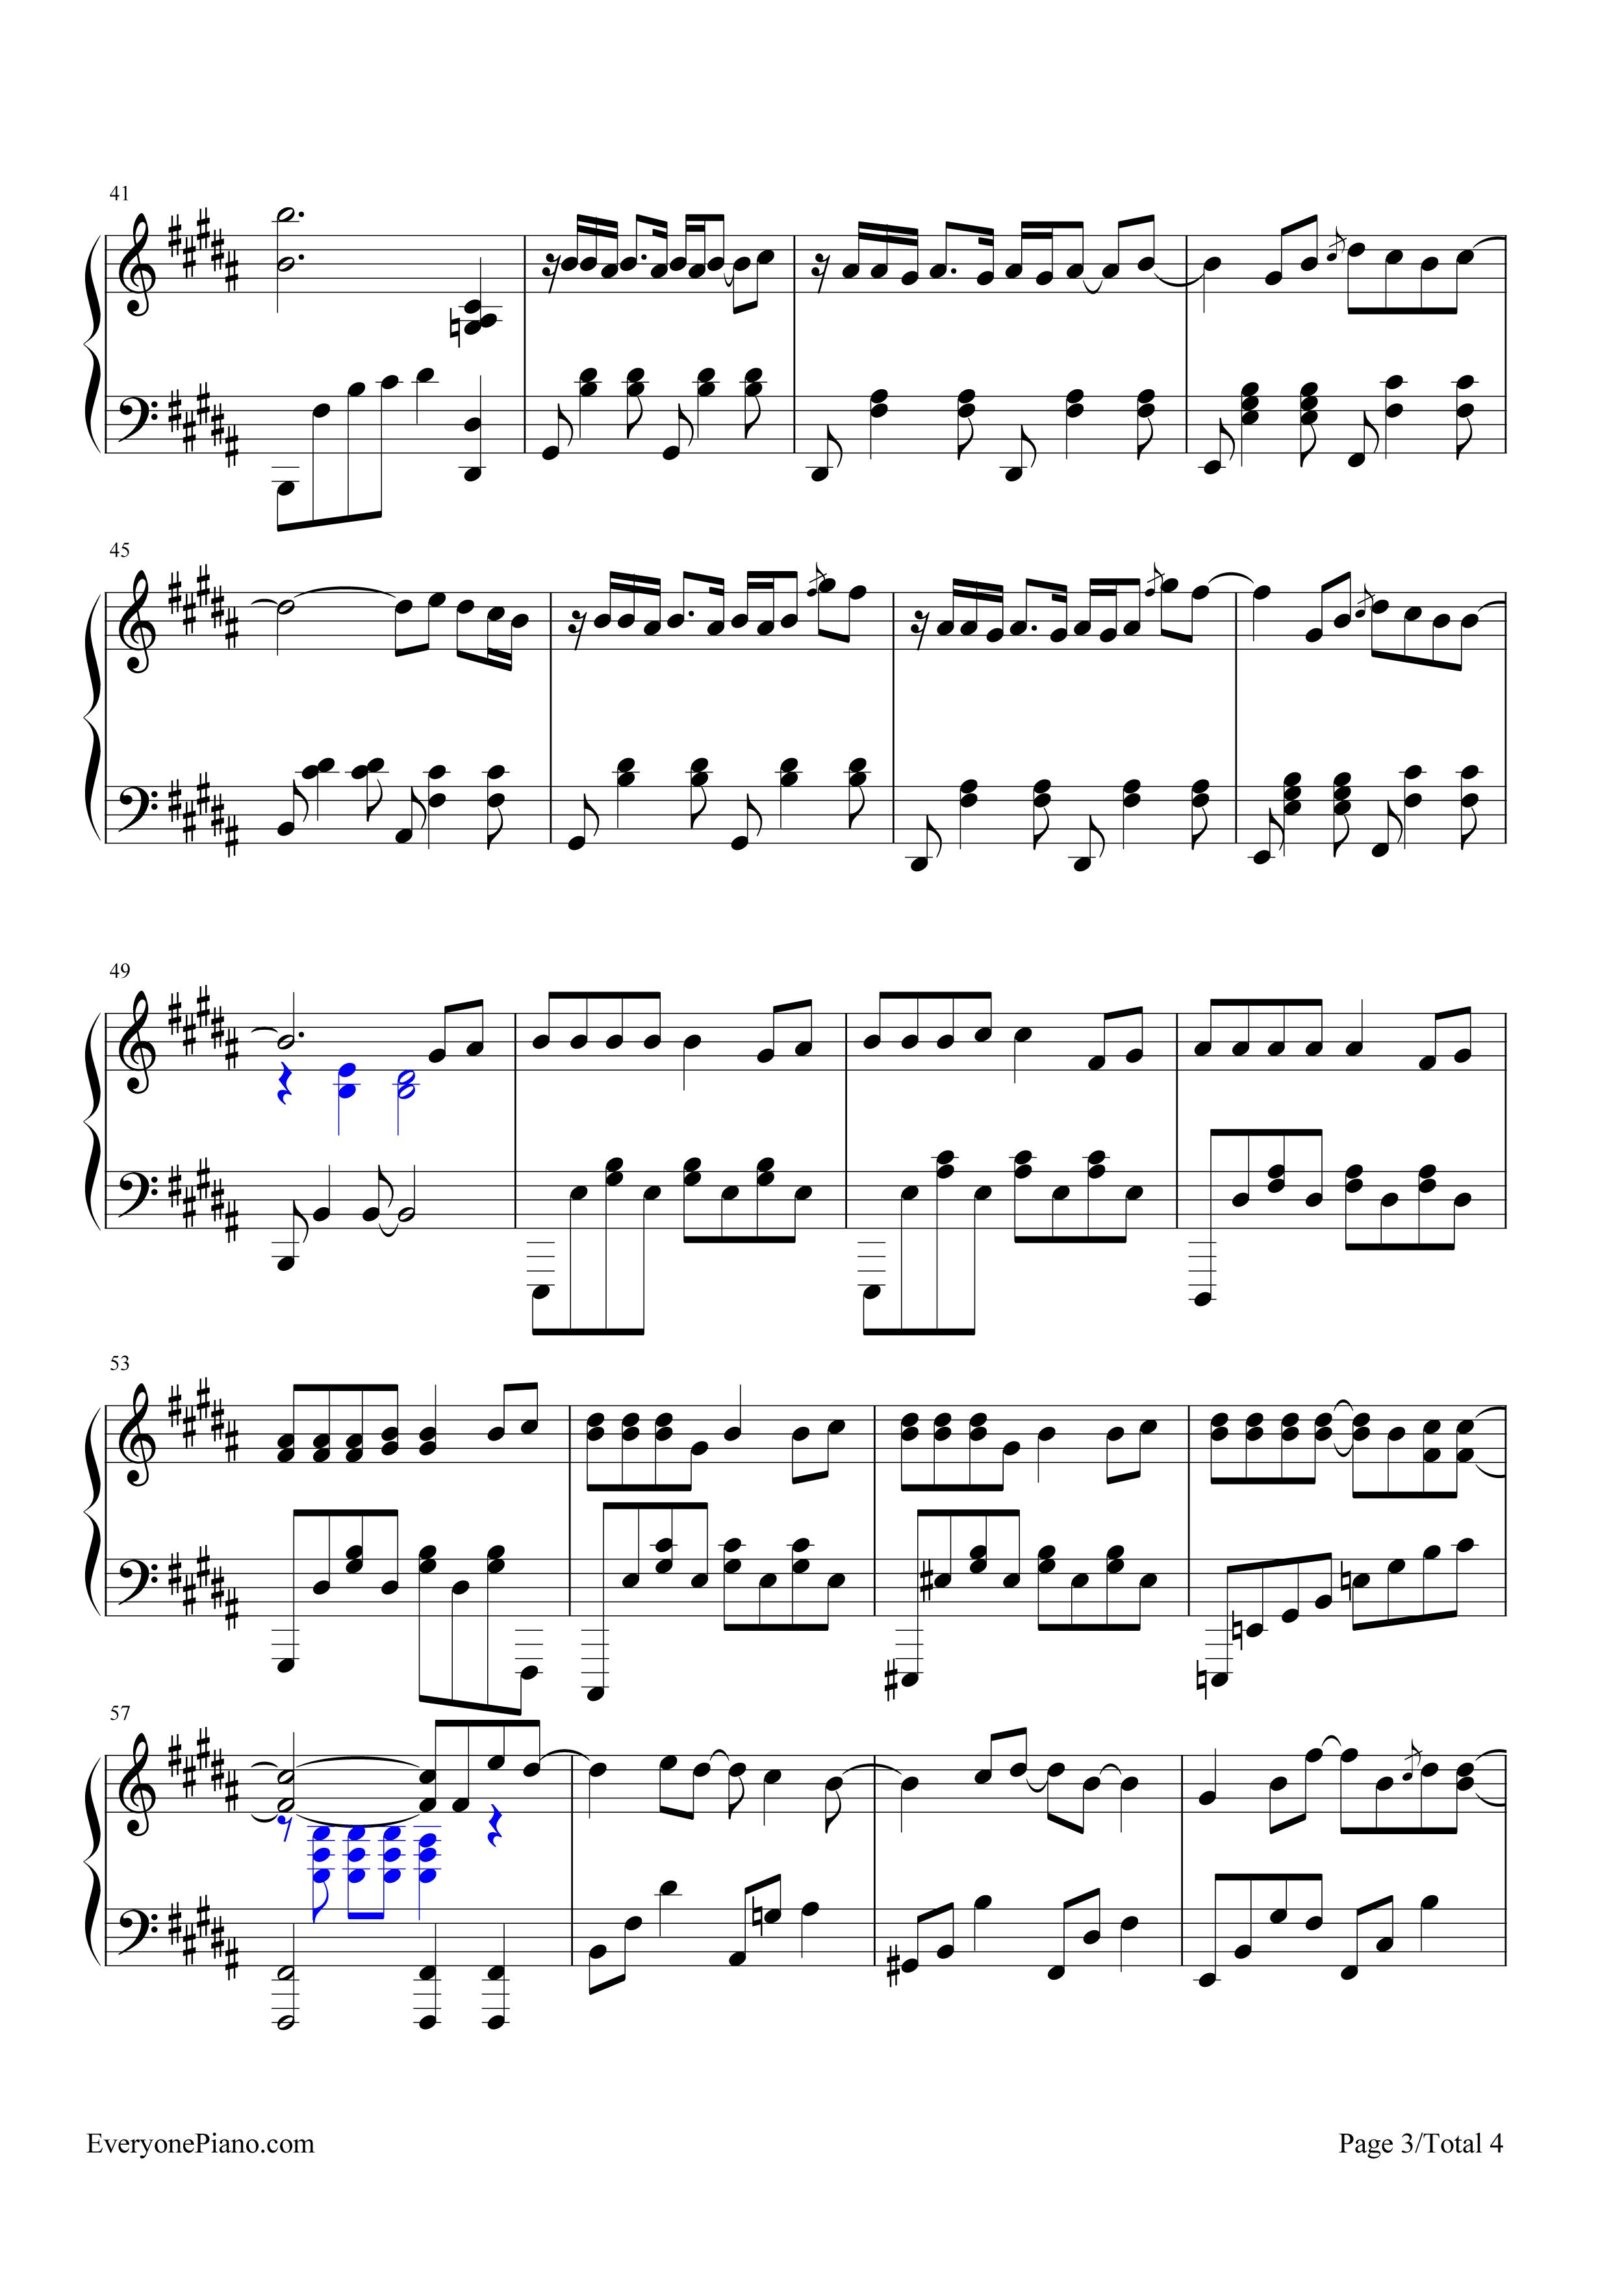 钢琴曲谱 流行 告白气球-完美演奏版 告白气球-完美演奏版五线谱预览3